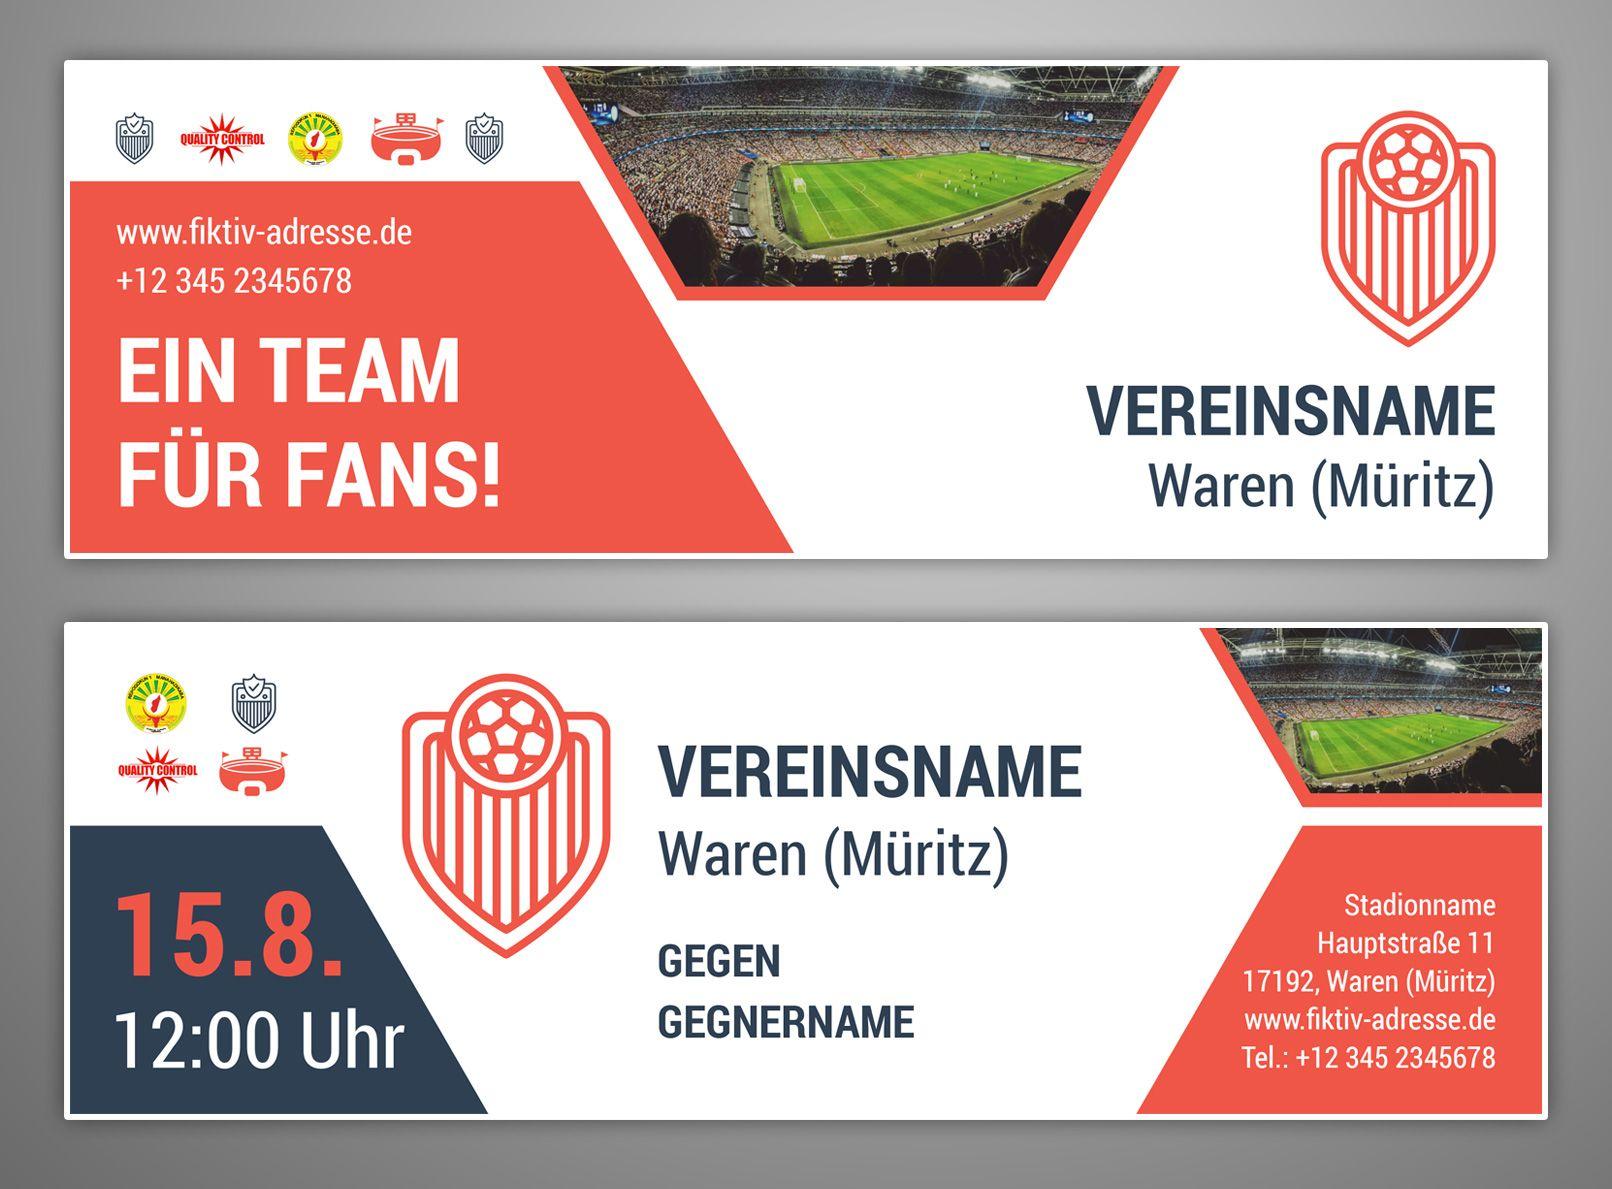 Design Vorlagen Fur Vereine Spielplan Erstellen Fan Karten Und Mehr Spielplan Verein Mannschaftsfotos